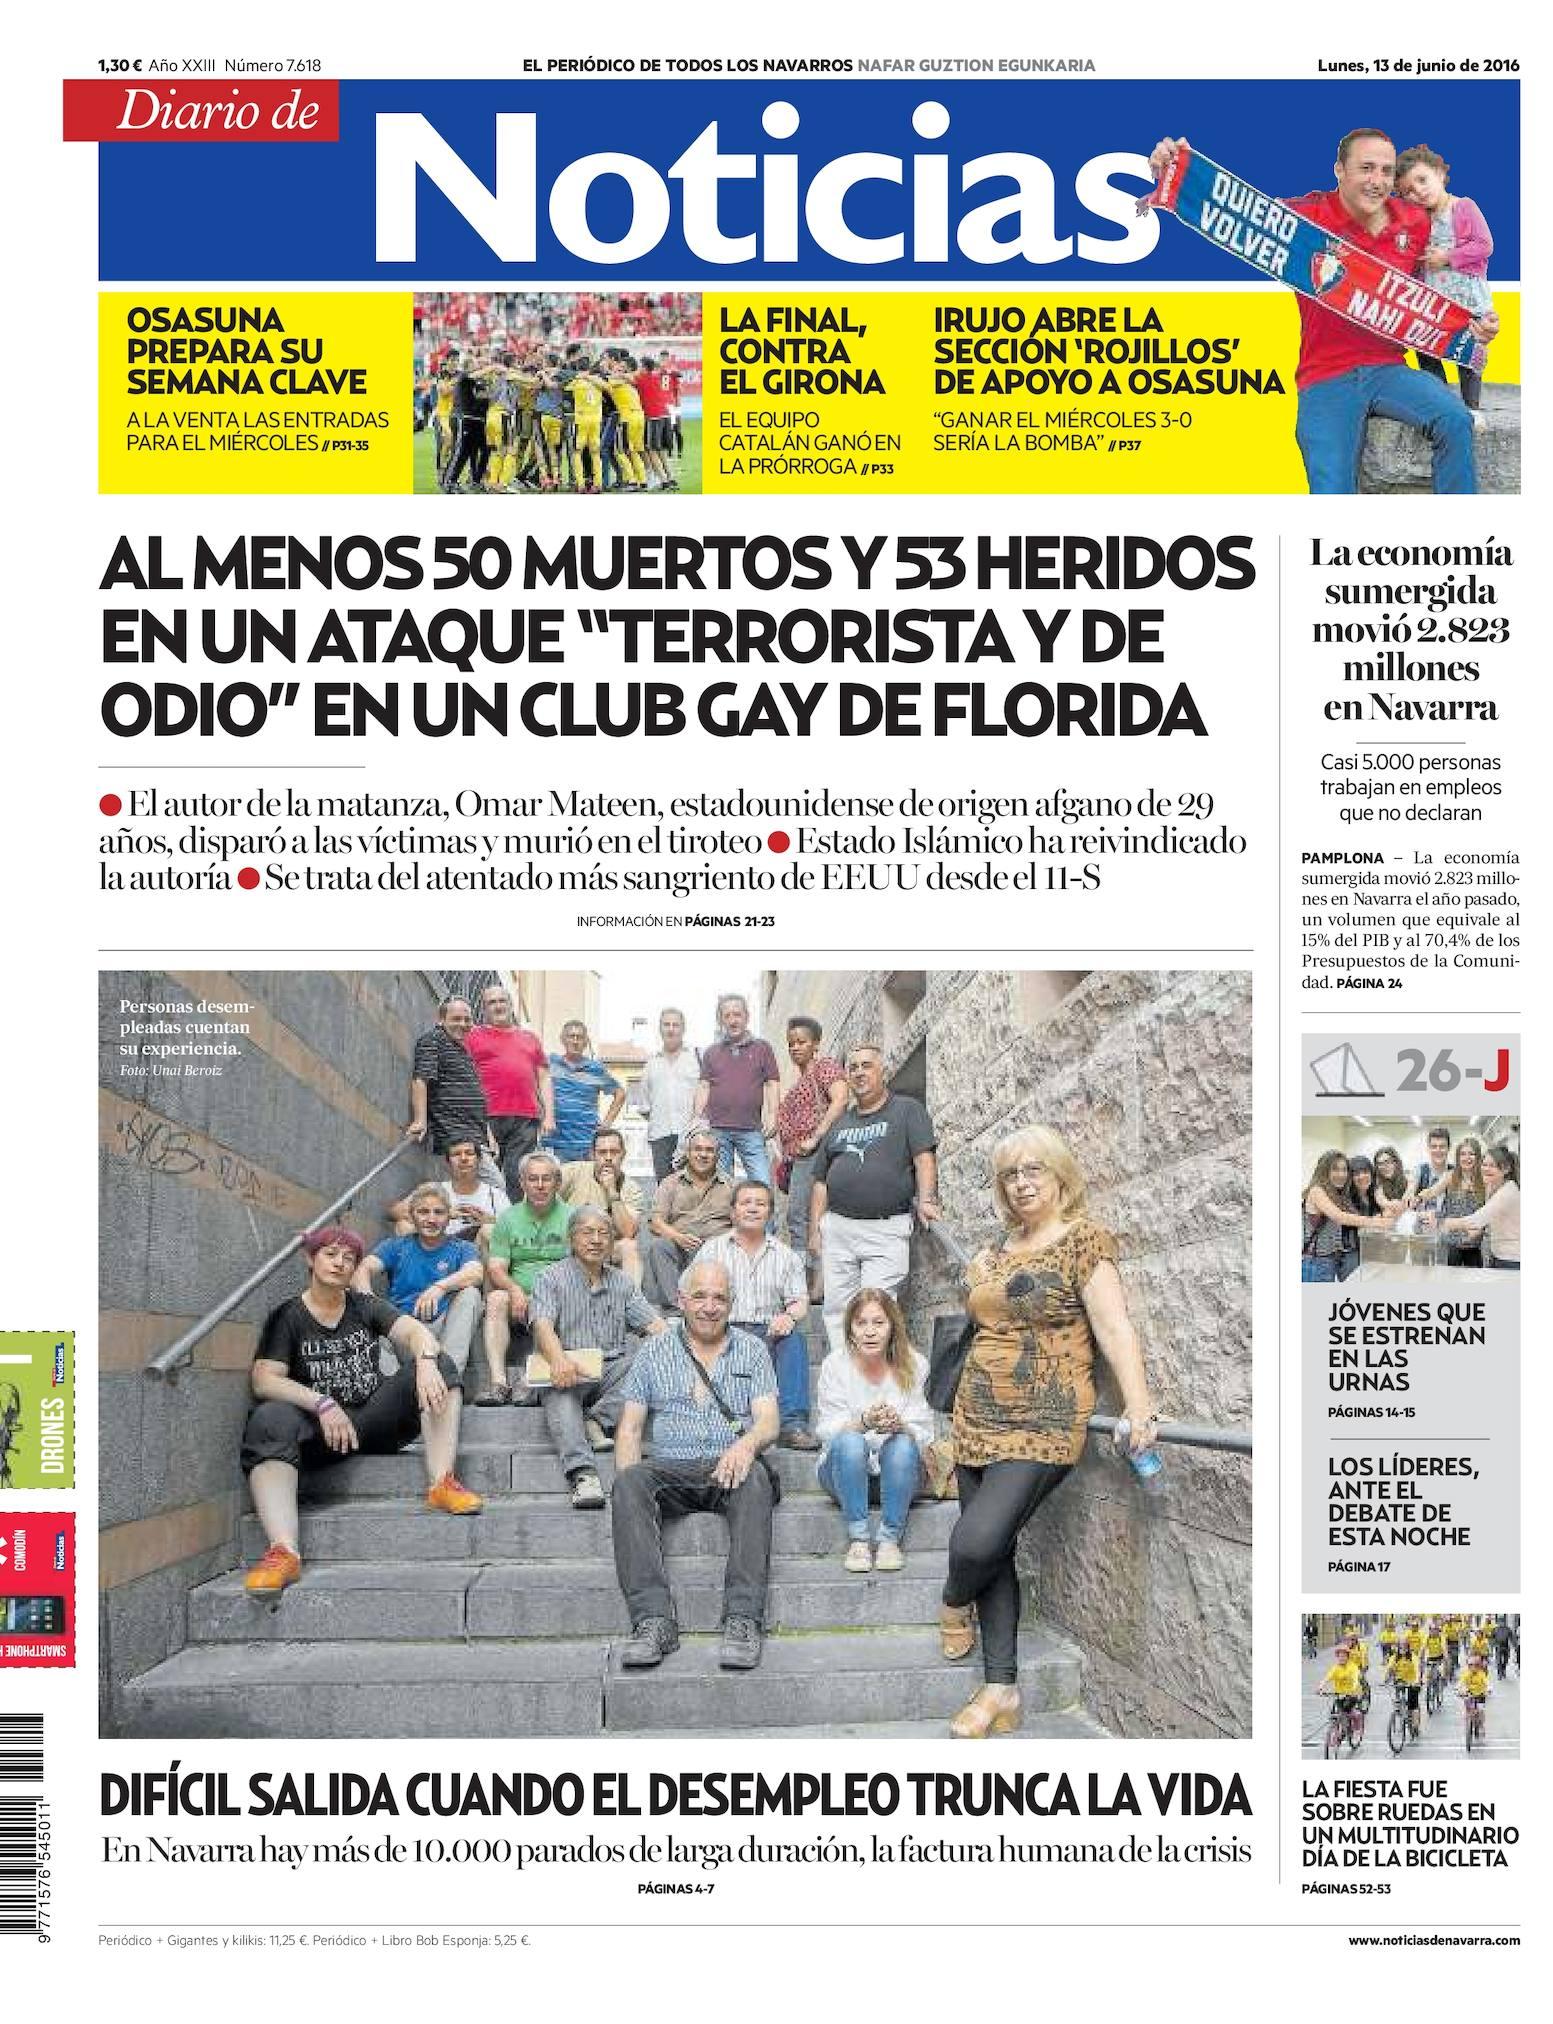 Calameo Diario De Noticias 20160613